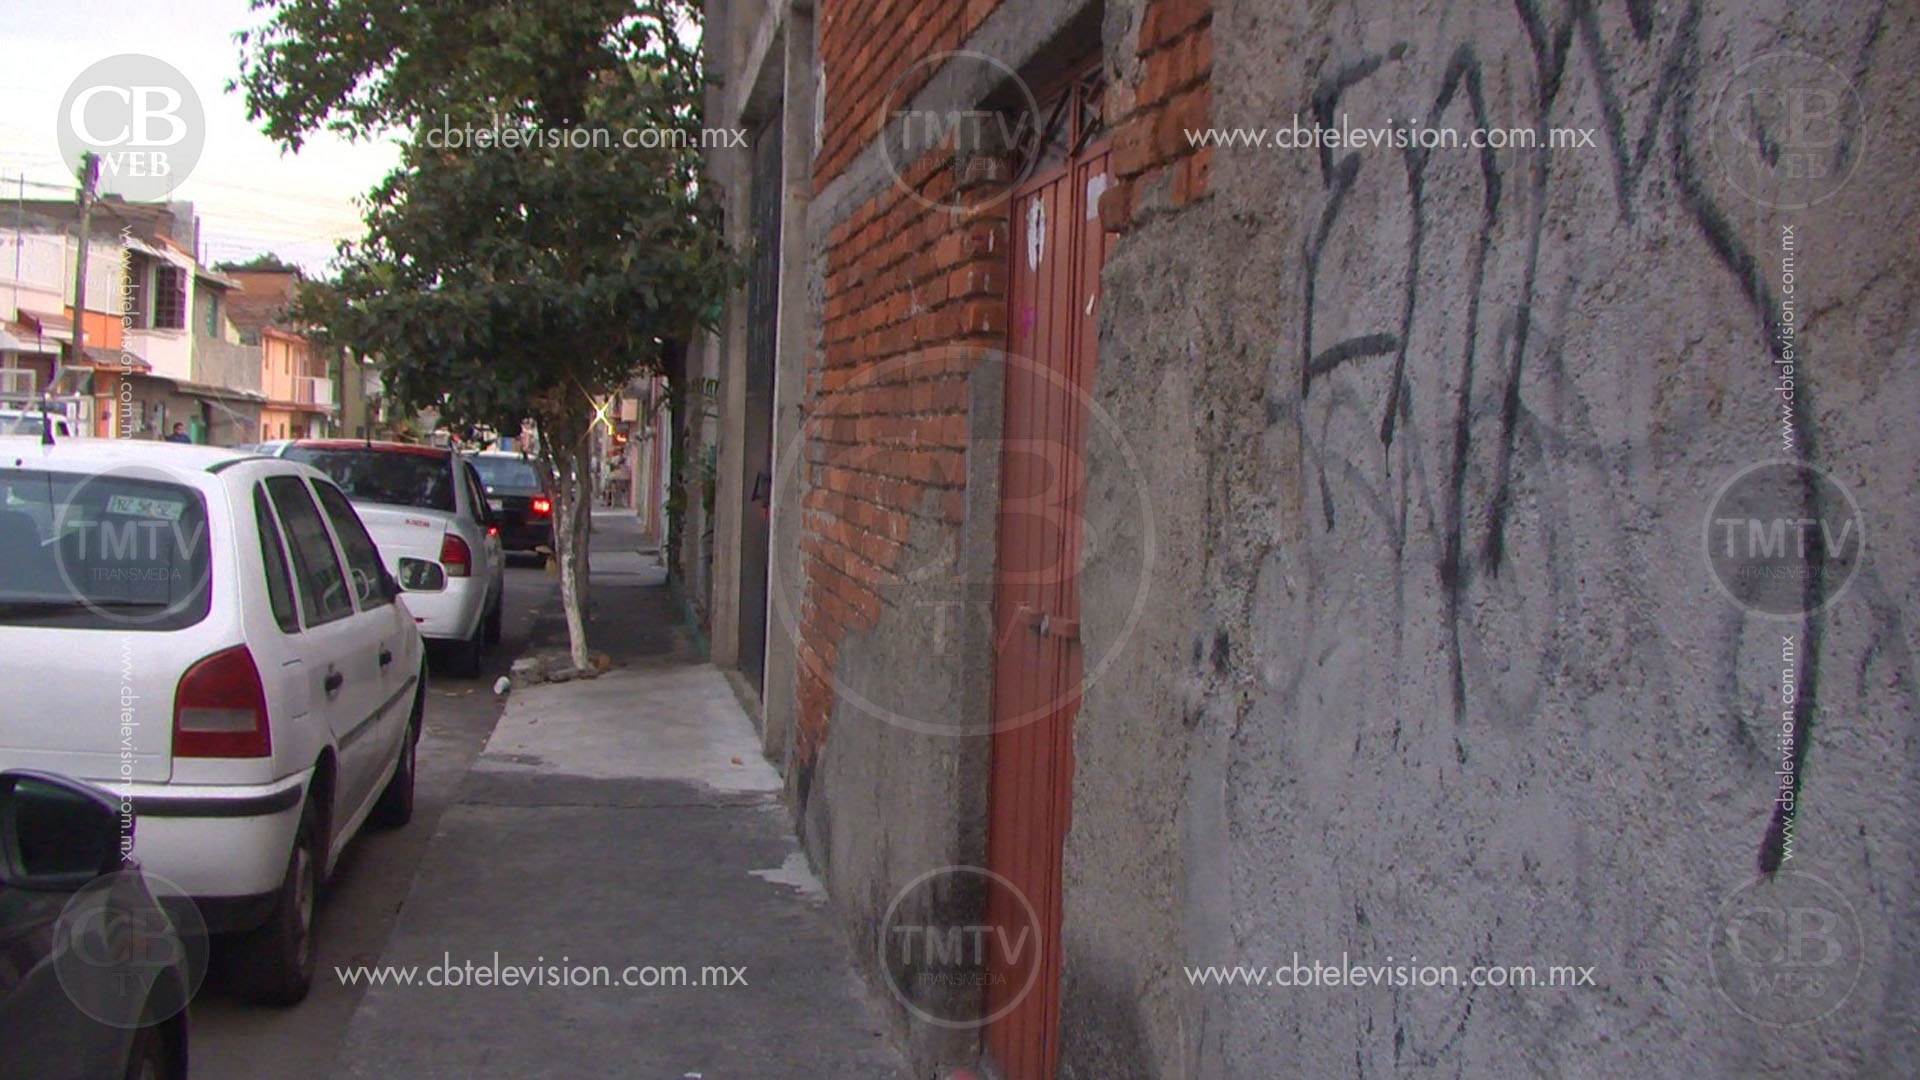 Paisana del Presidente Morón, le pide seguridad para la colonia Santiaguito